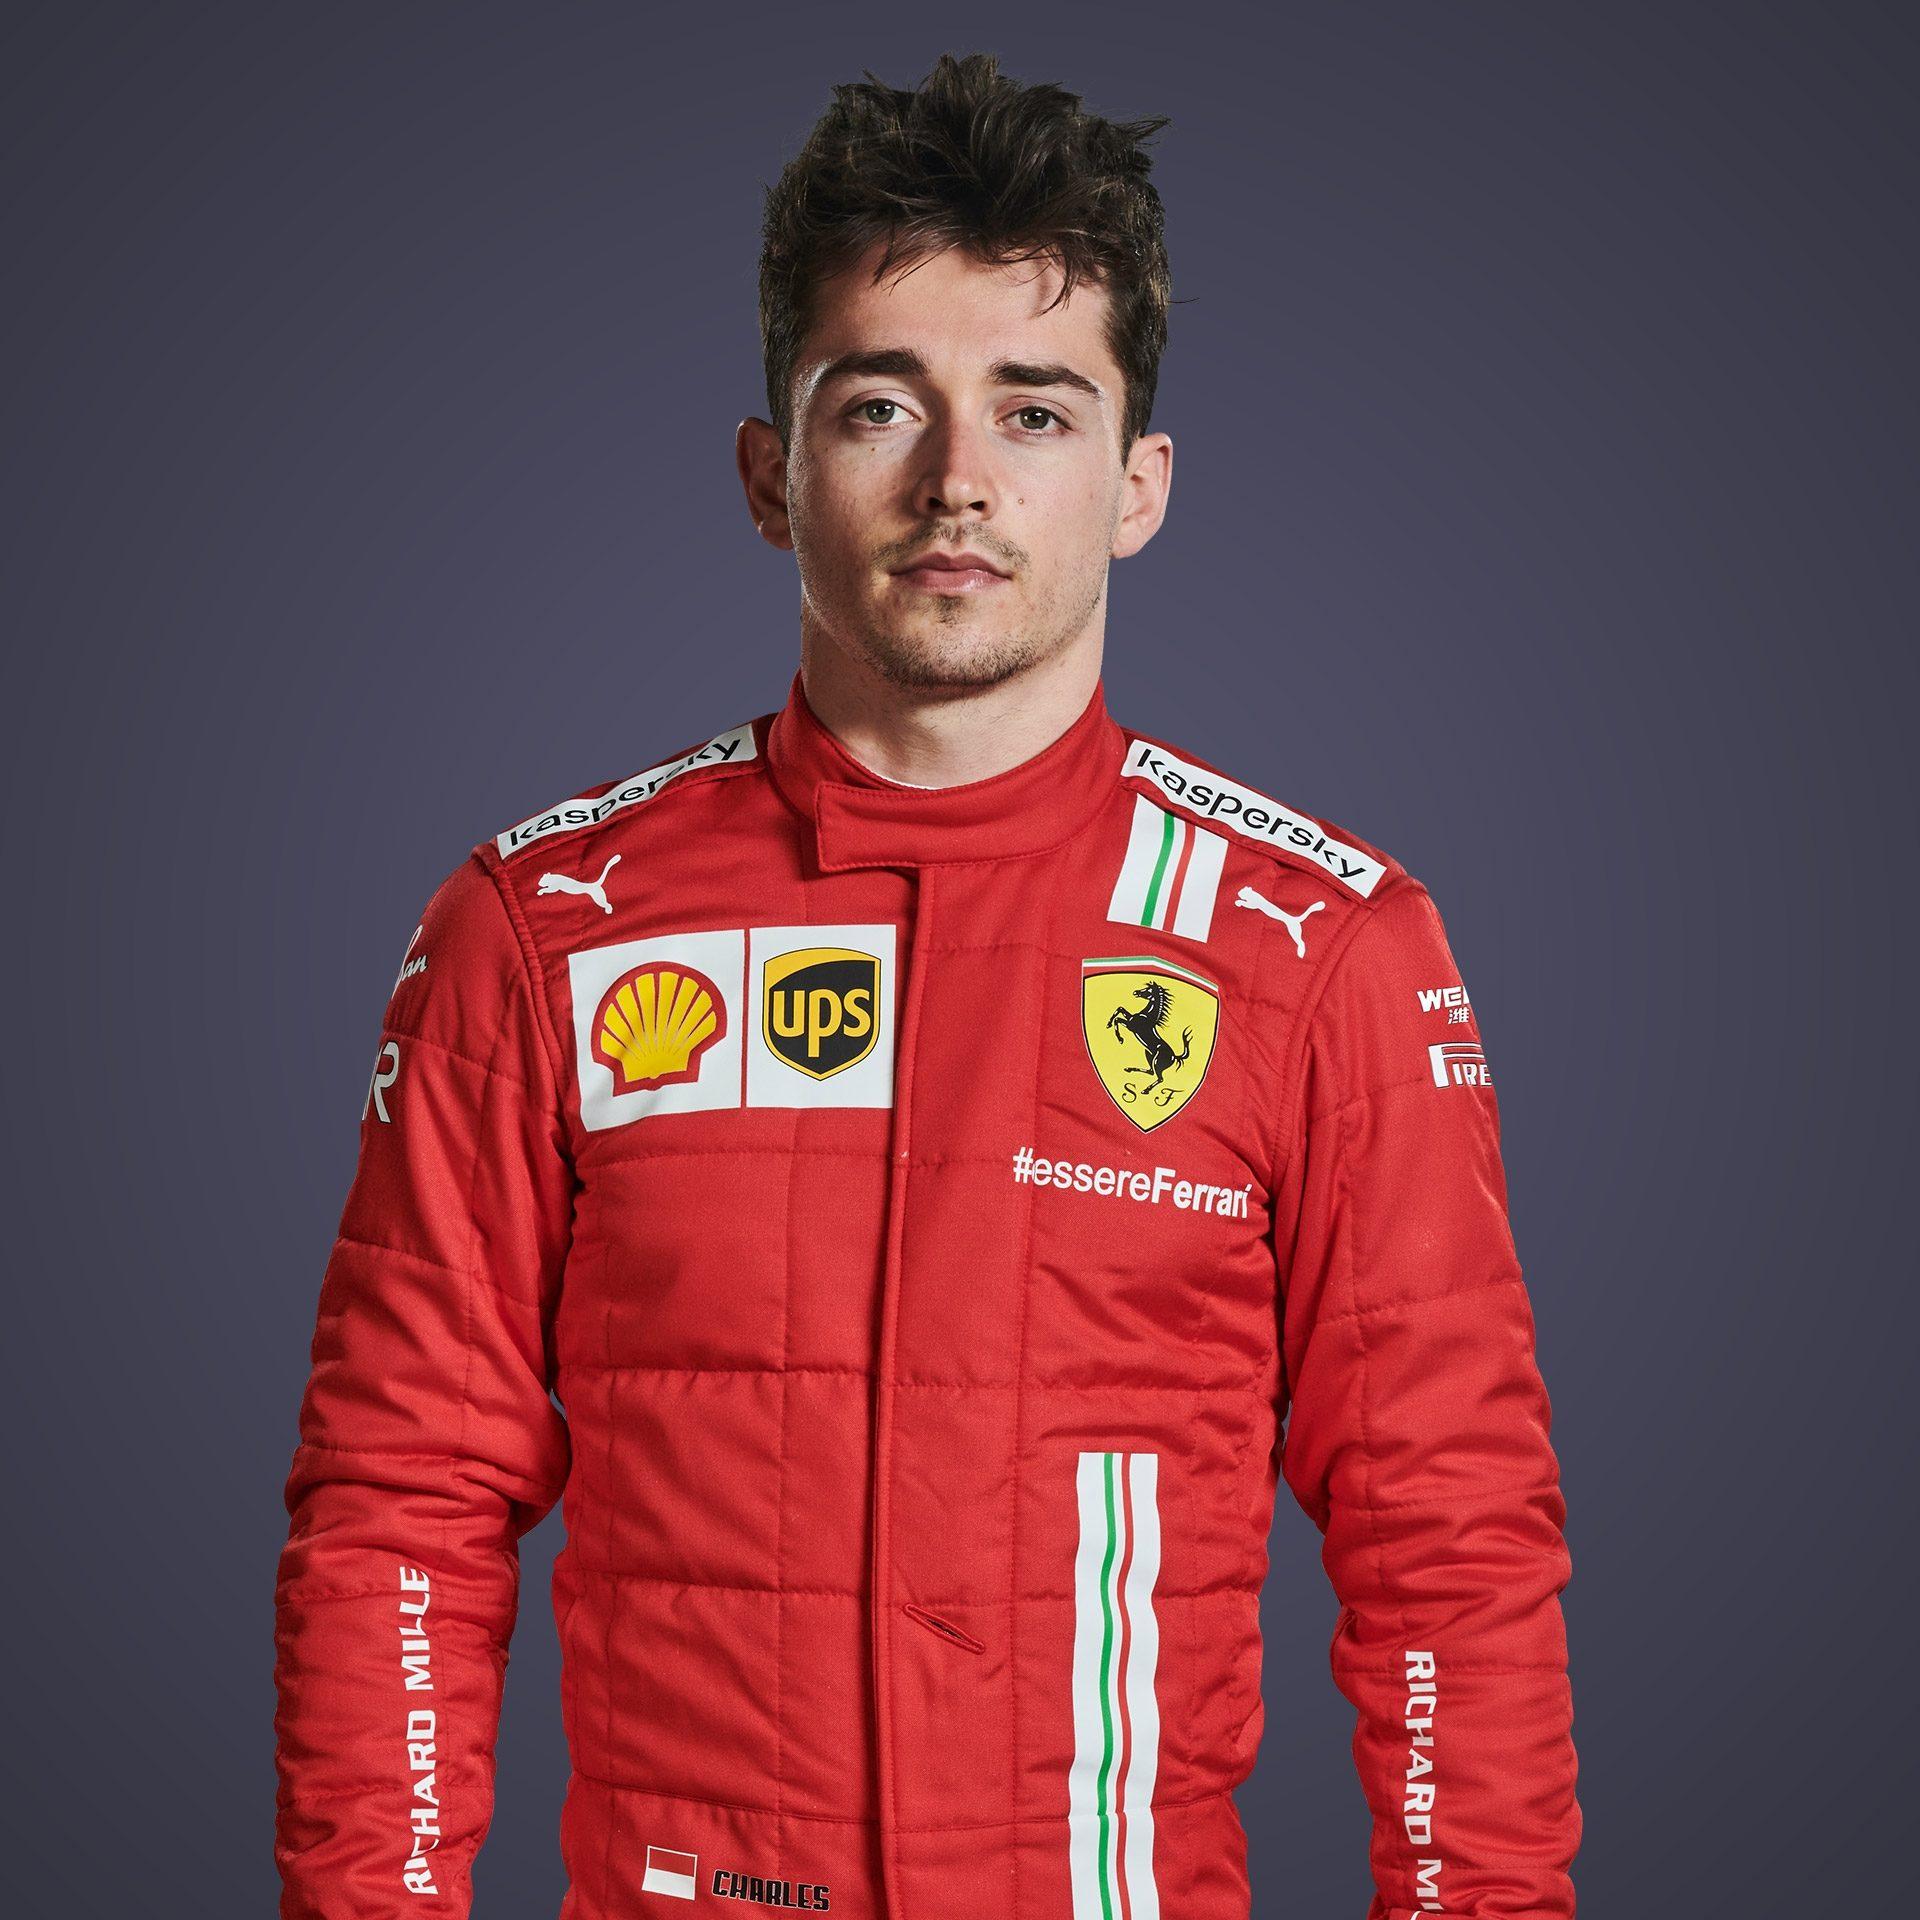 法拉利赛车故障调查结果:勒克莱尔撞车导致